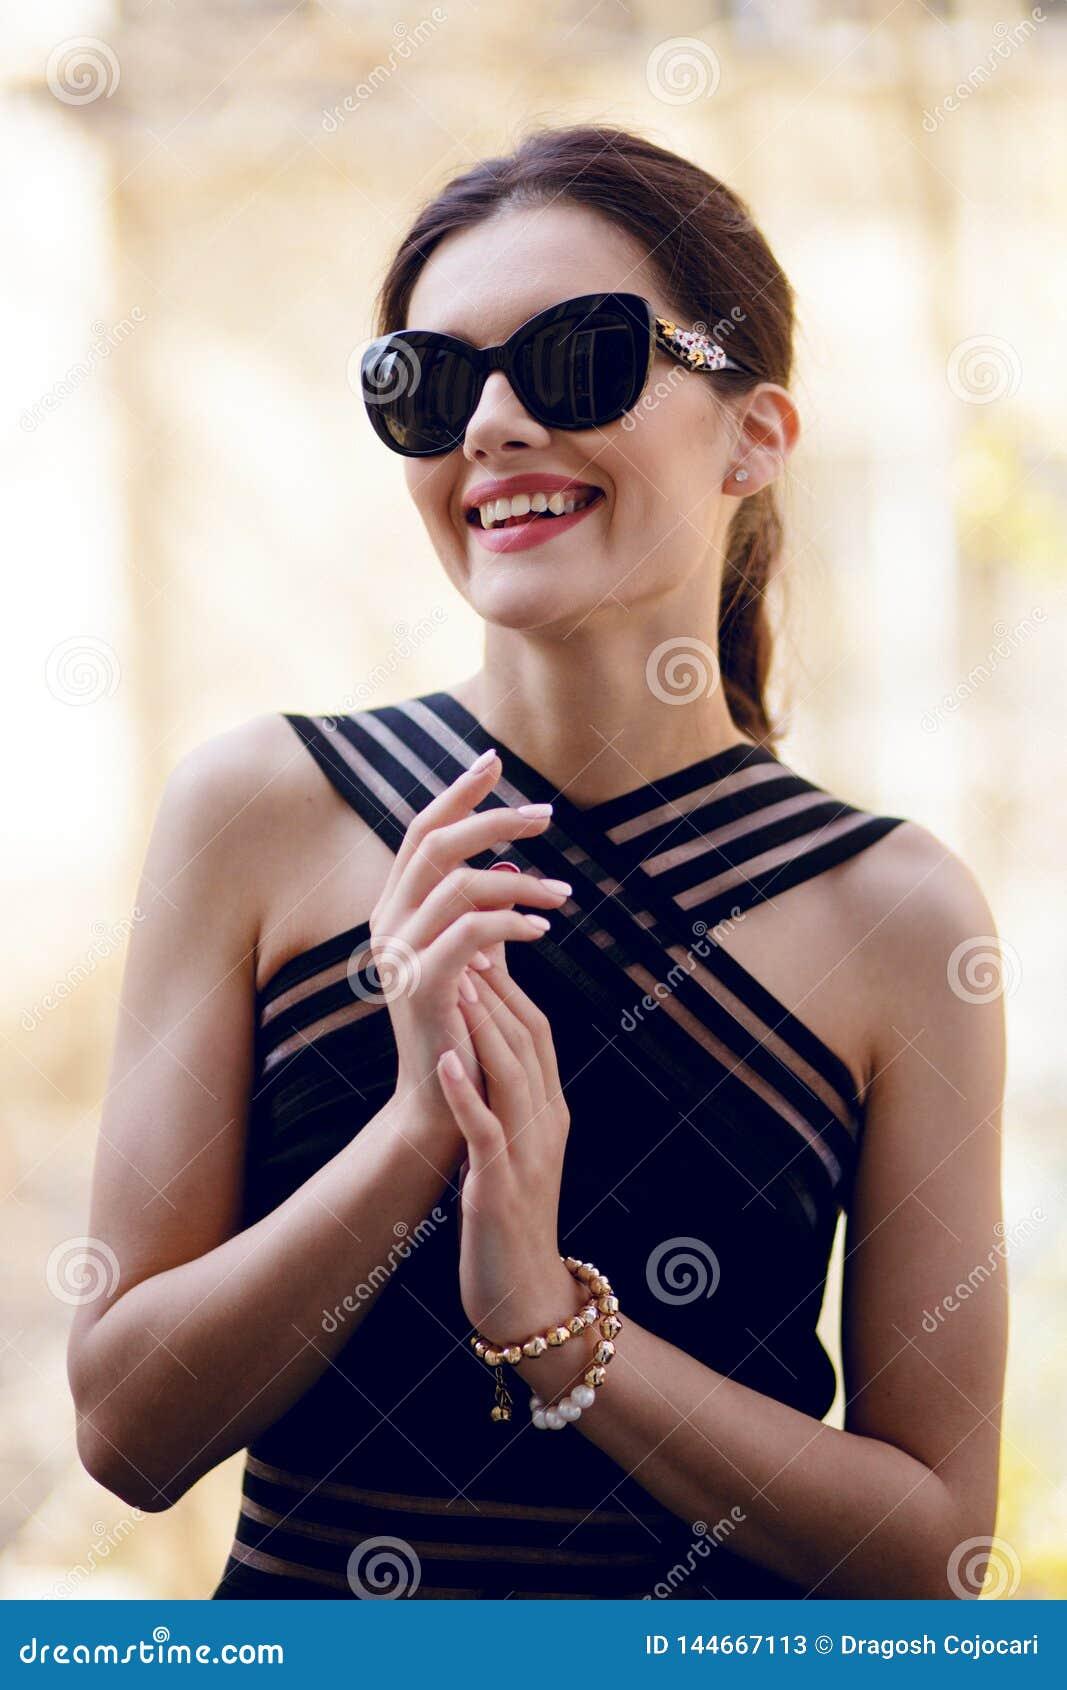 Μοντέρνη γυναίκα με θαυμάσιο από, φορώντας σε ένα κομψό μαύρο φόρεμα κ